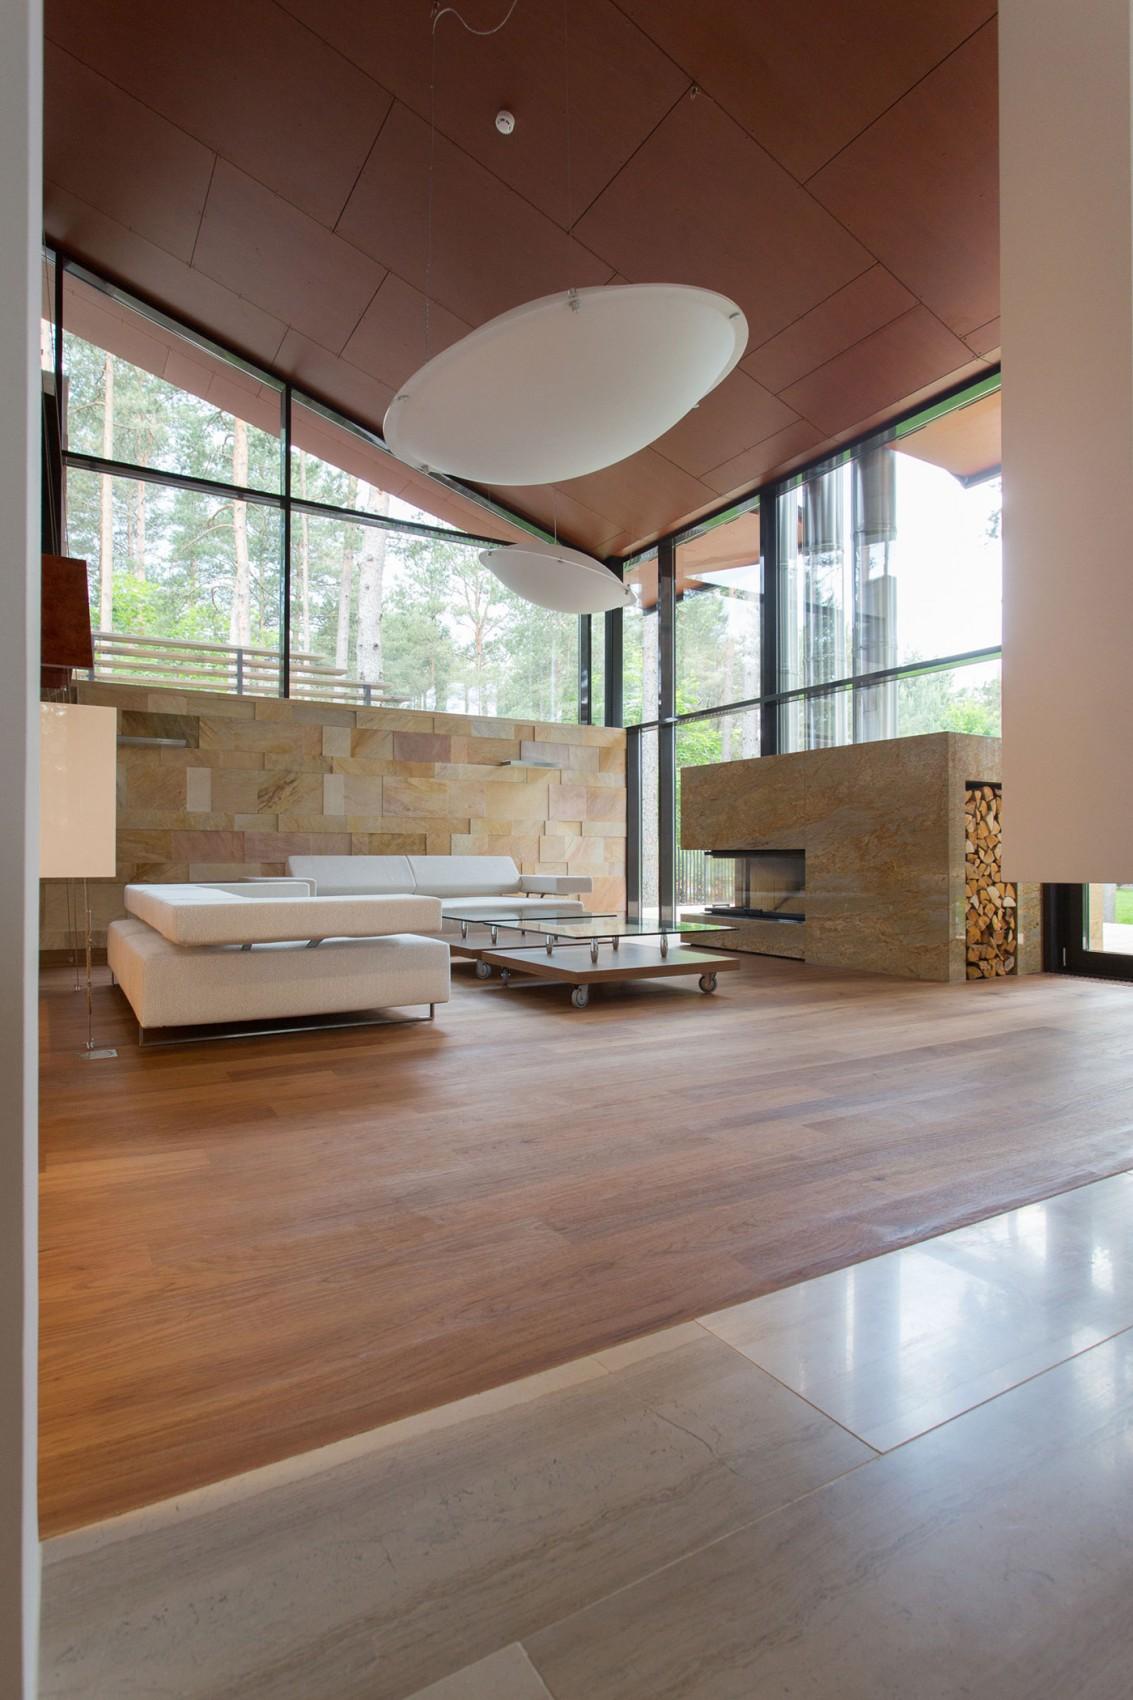 Камин в интерьере гостиной - Фото 20